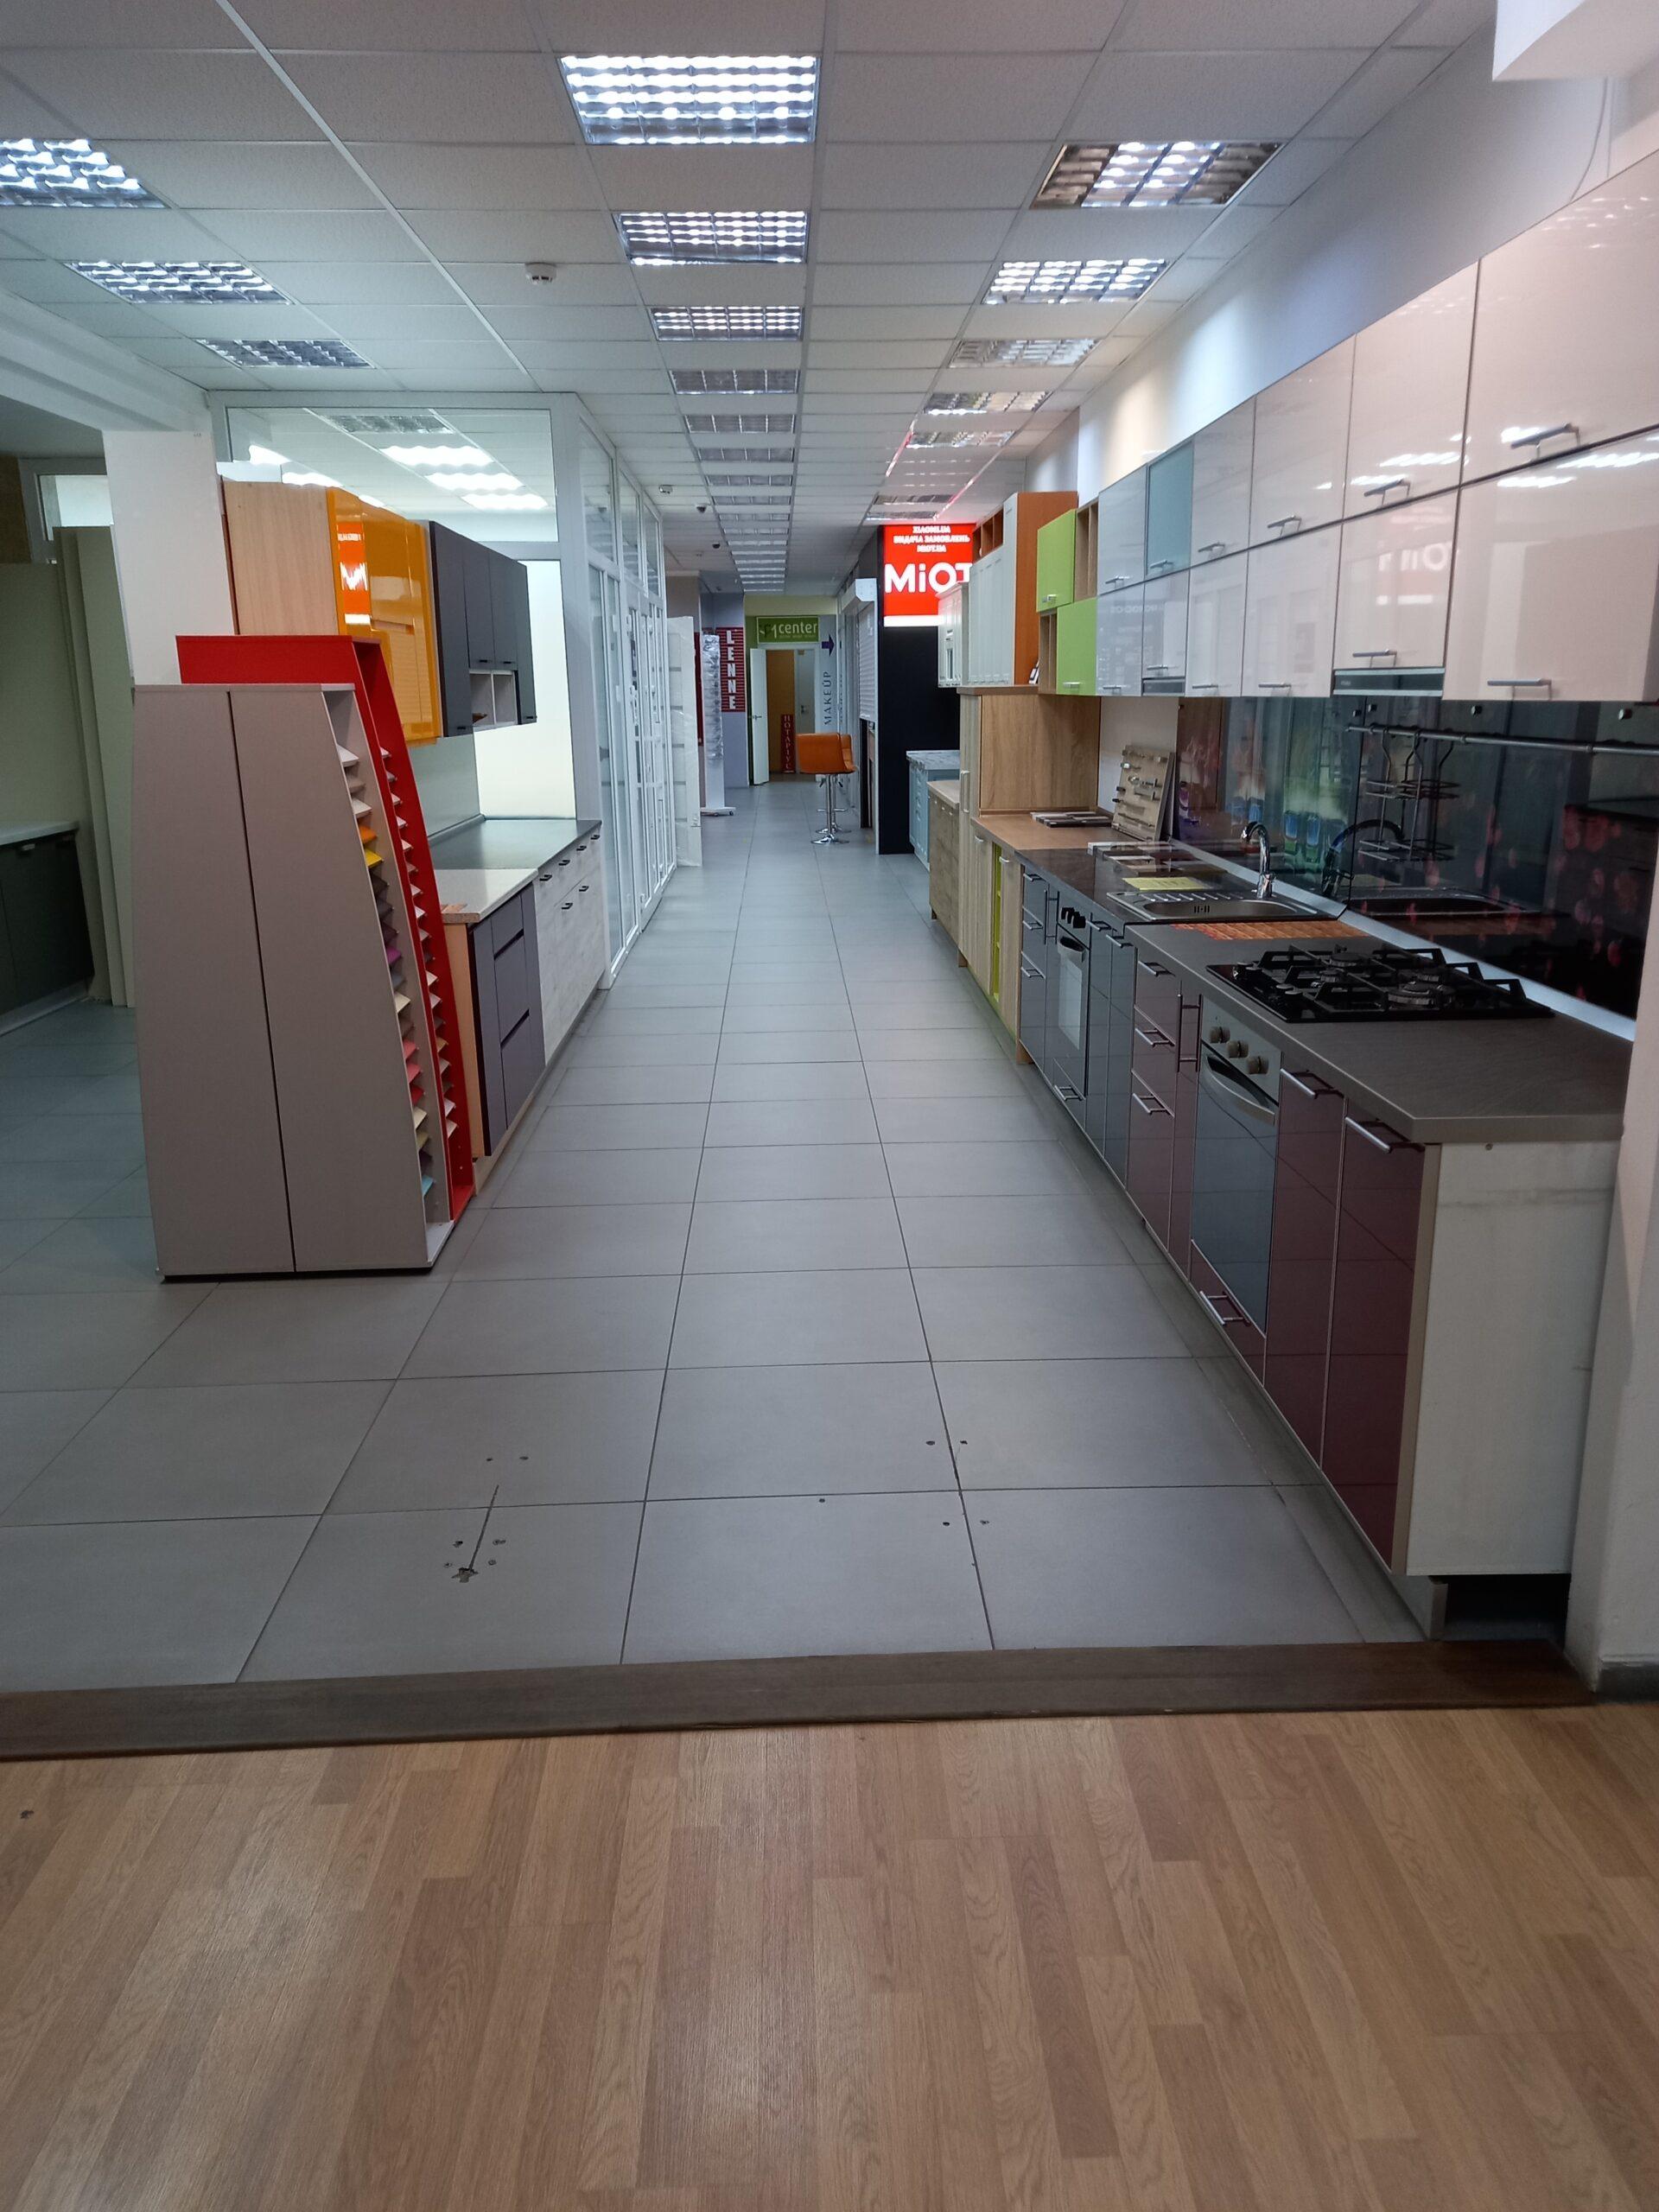 Международная Доставка в Киеве - Коридор на 2 этаже Степана Бандери 21